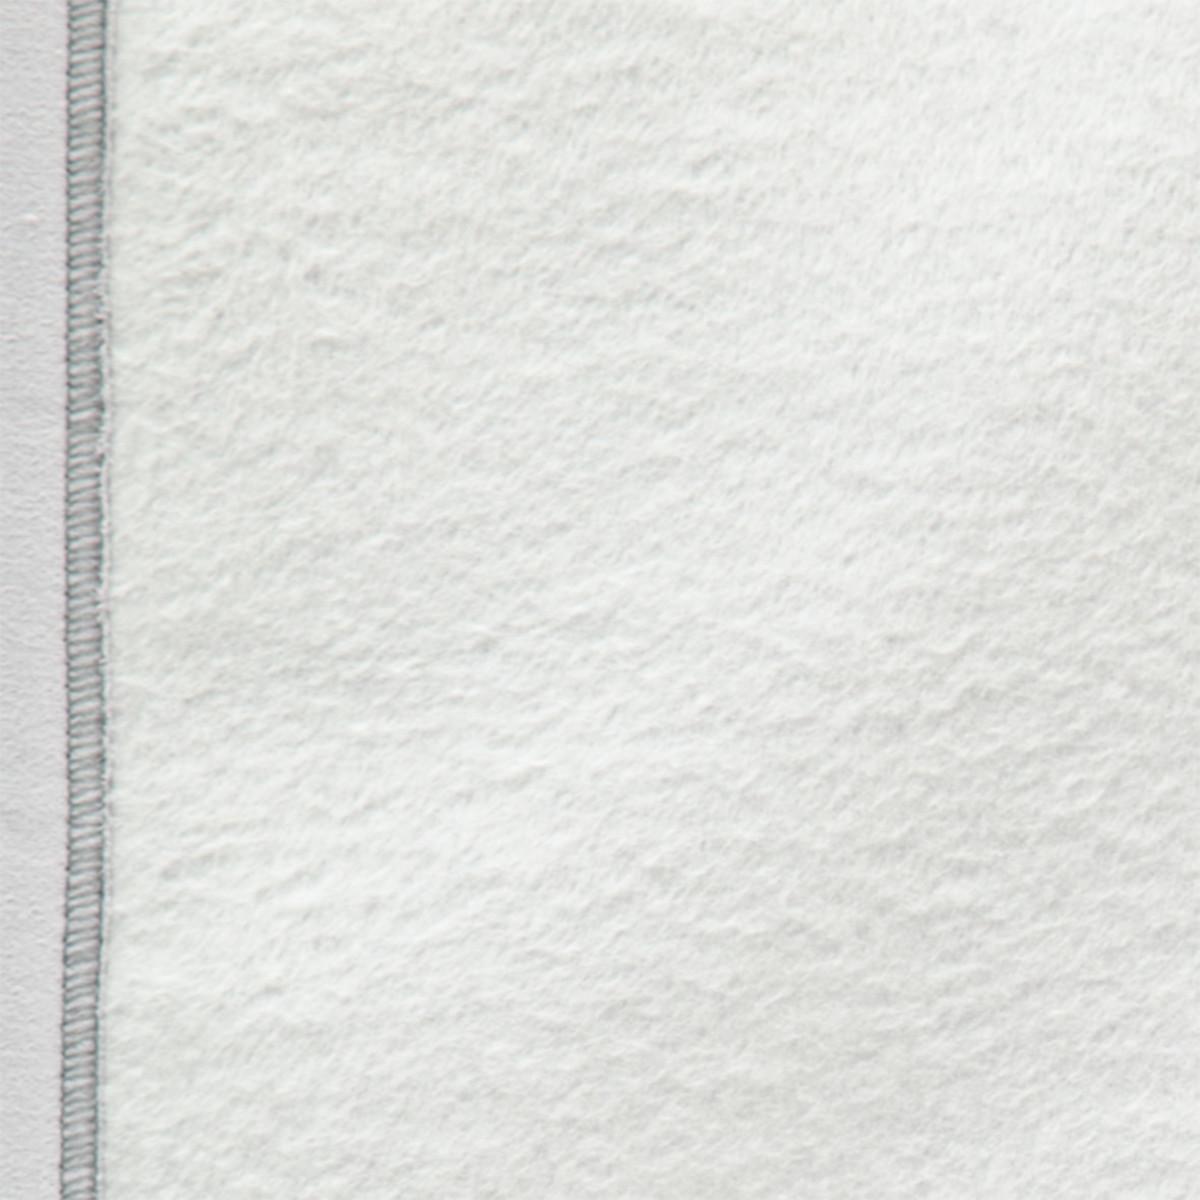 Bild 3 von Wohndecke in weicher Qualität 140x190cm